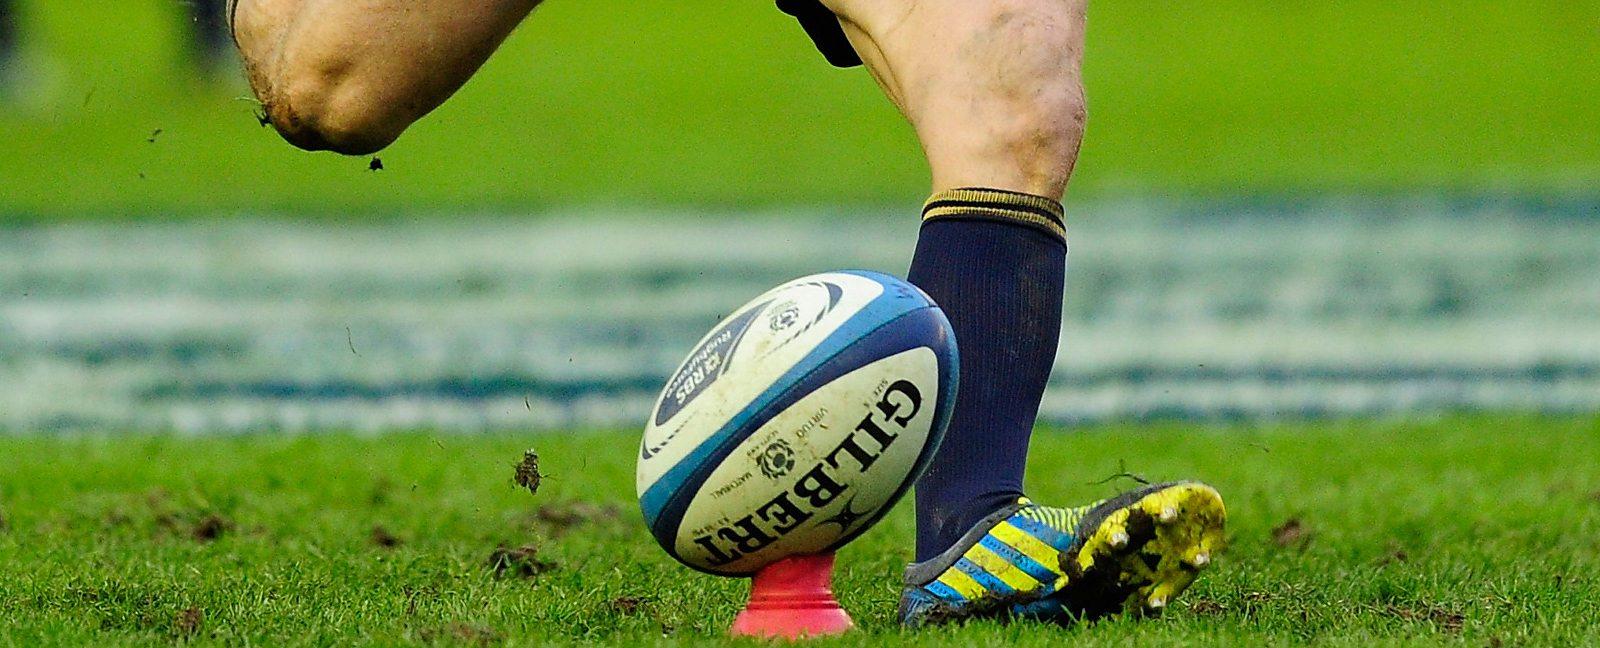 A.S.D. Sanremo Rugby Sede sociale: Piazza San Siro 48 – Sanremo Email:sanremorugby@gmail.com Allenamenti e appuntamenti del Sanremo Rugby: Tutti iMARTEDIe tutti iGIOVEDIdalle17:30 per i settori dai 4 ai 14 anni…